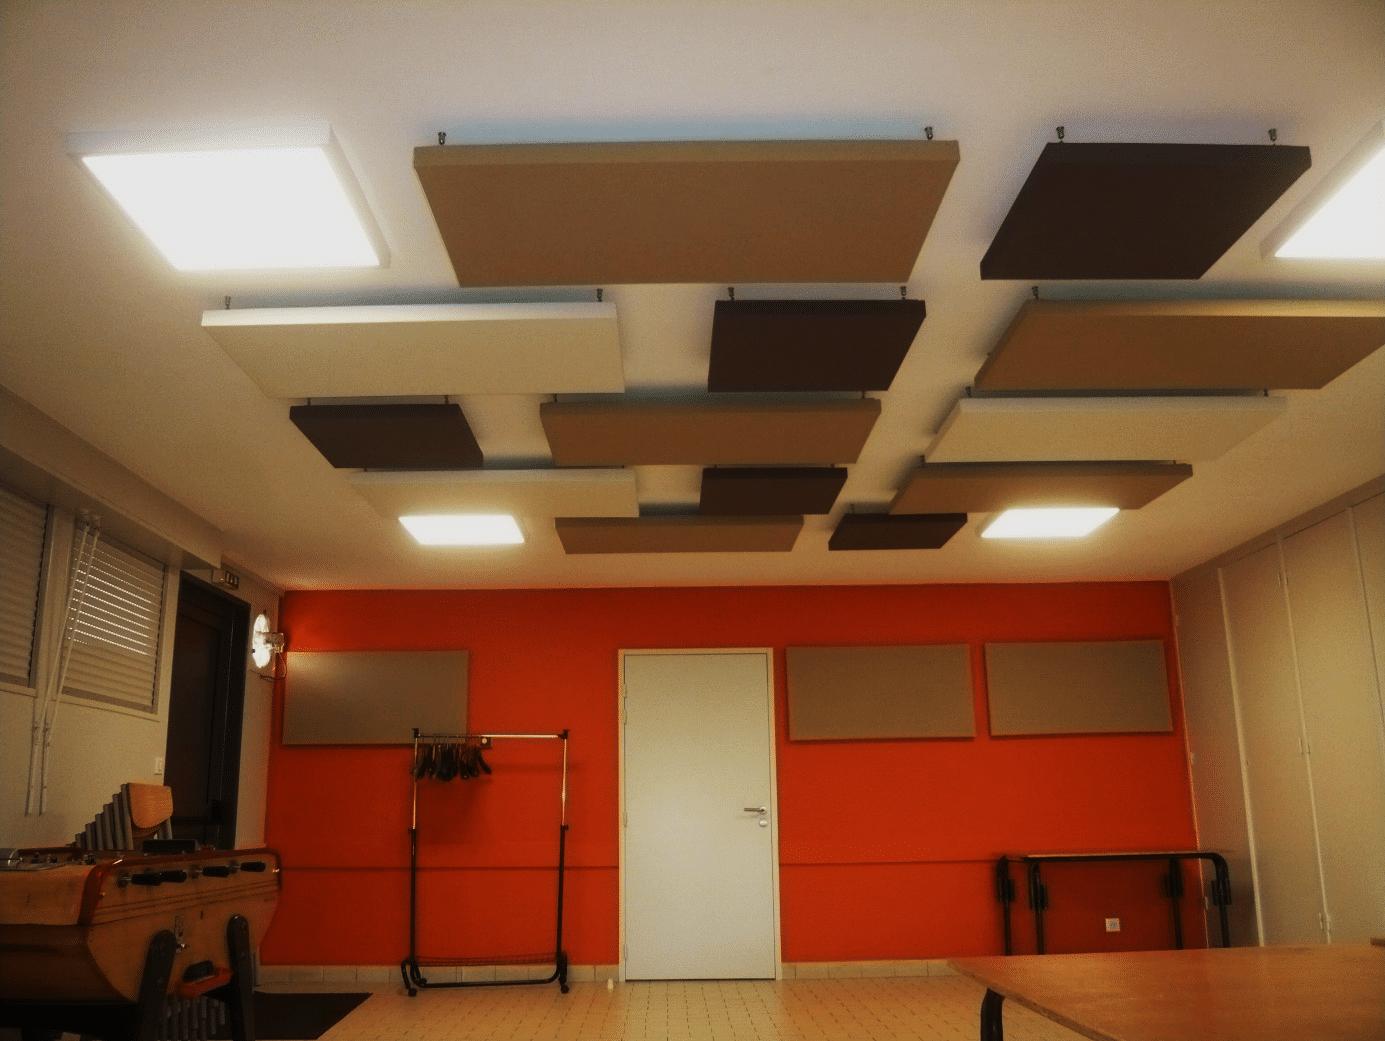 Panneaux acoustiques Design